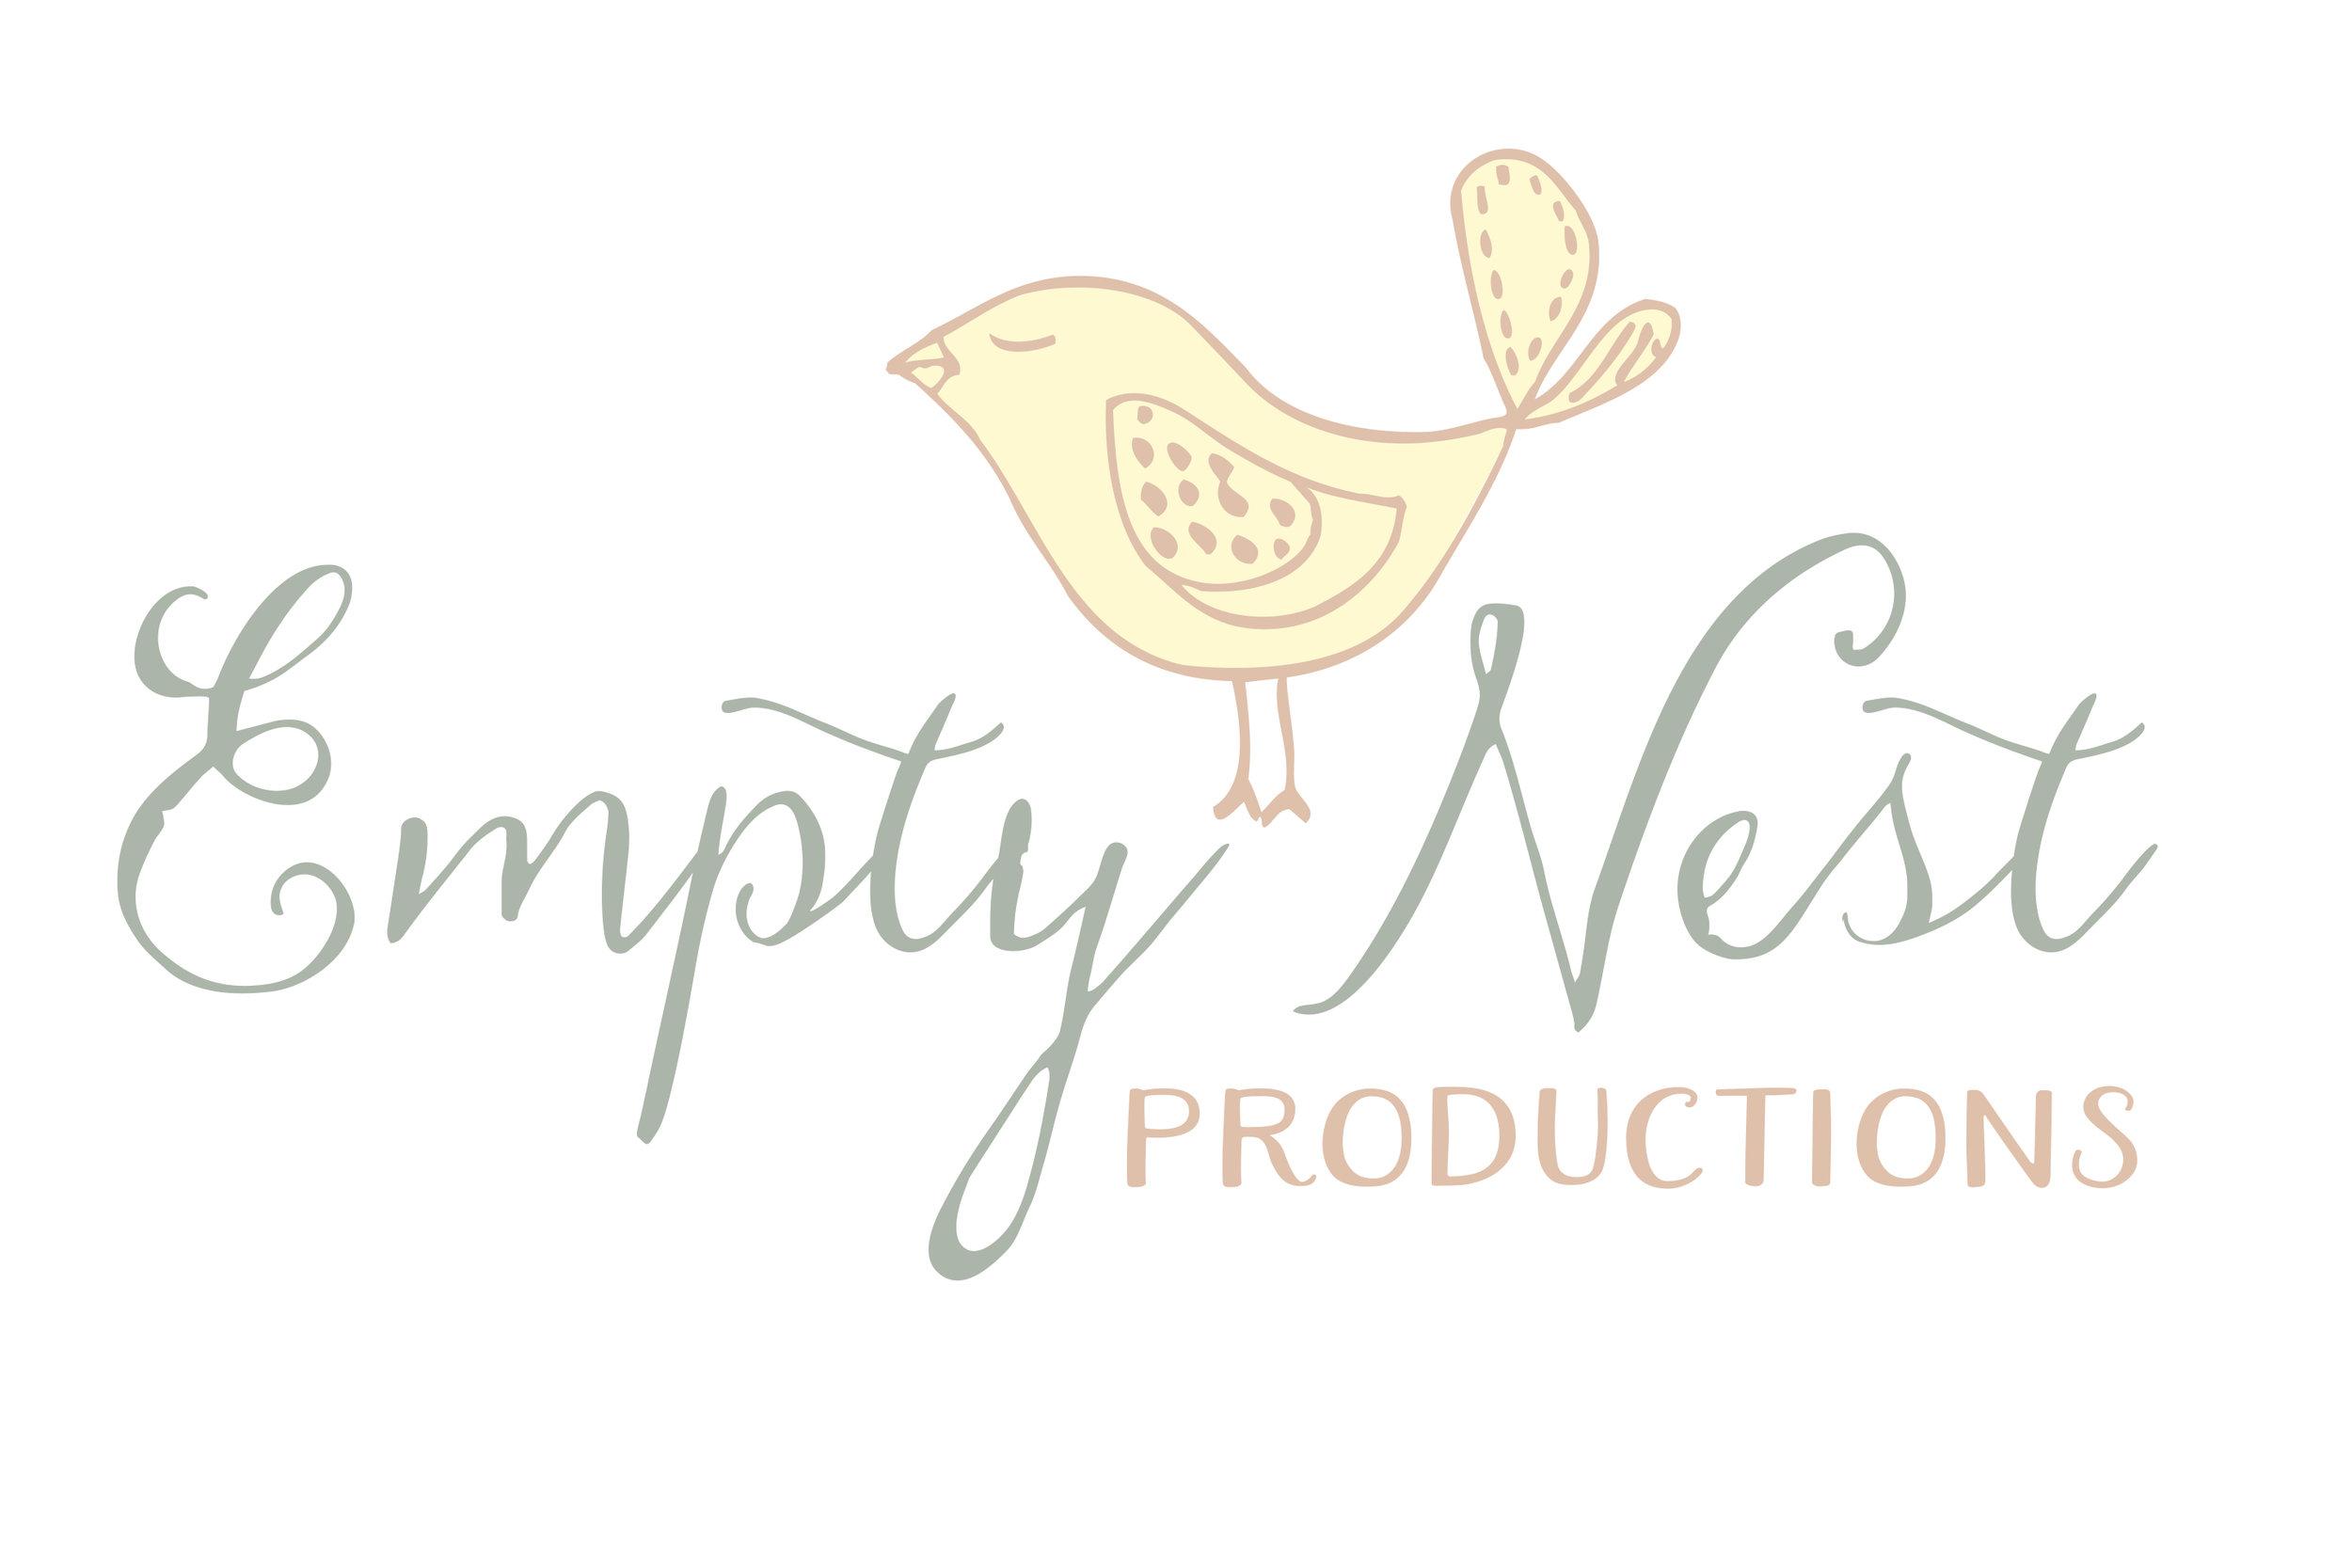 Portfolio-Empty-Nest-logo.jpg